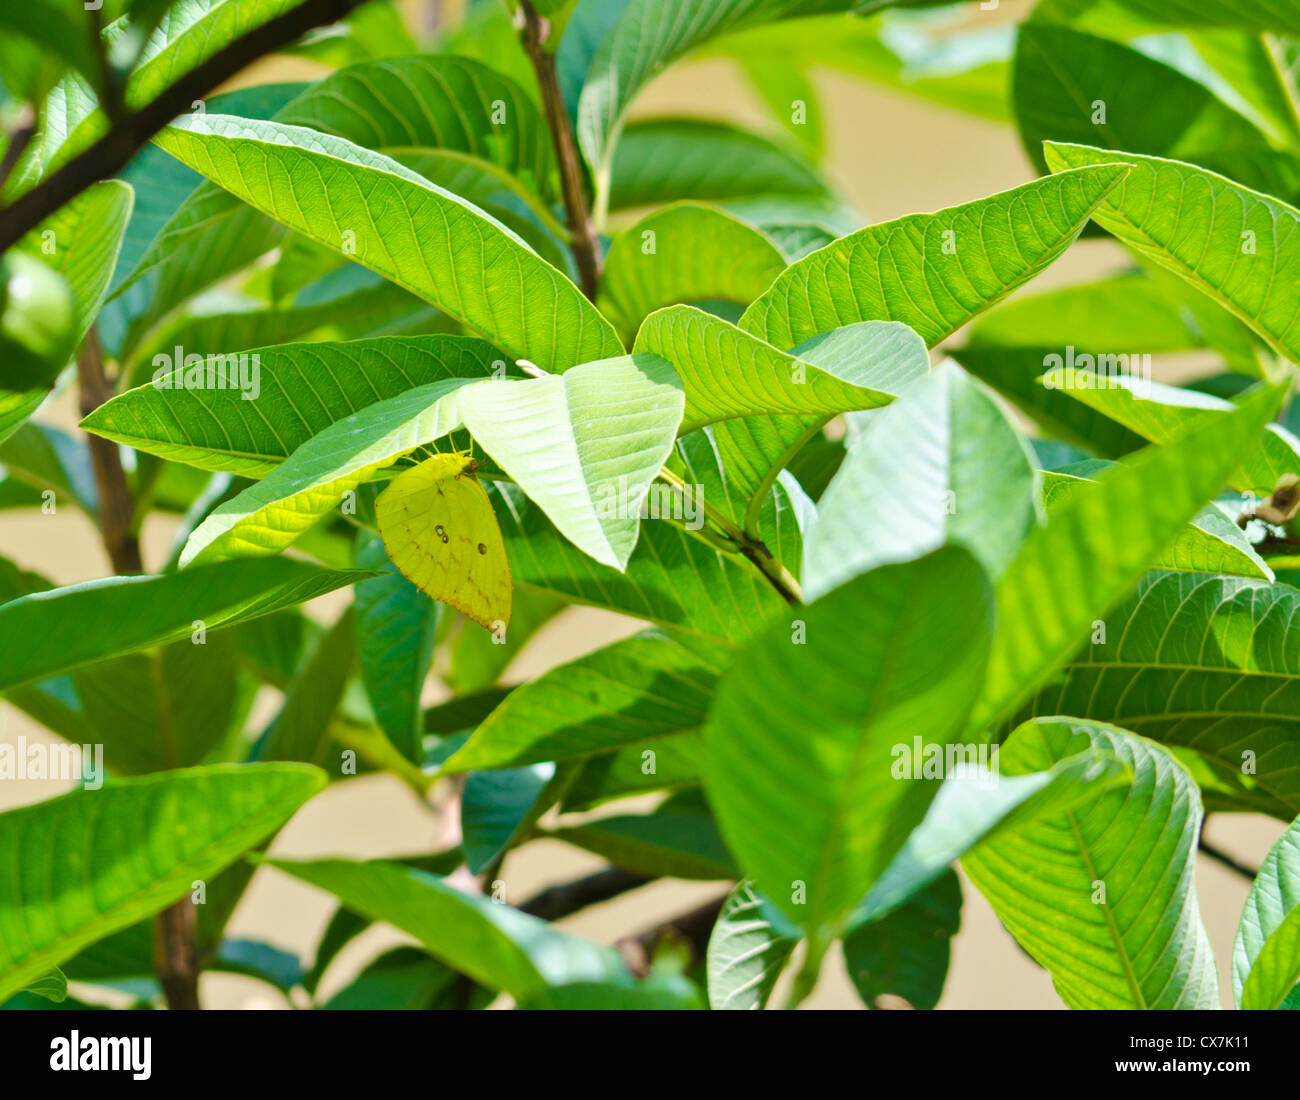 Catopsilia pomona / comune emigrante / giallo limone emigrante butterfly nascondere sotto le foglie di 'guaiava Immagini Stock